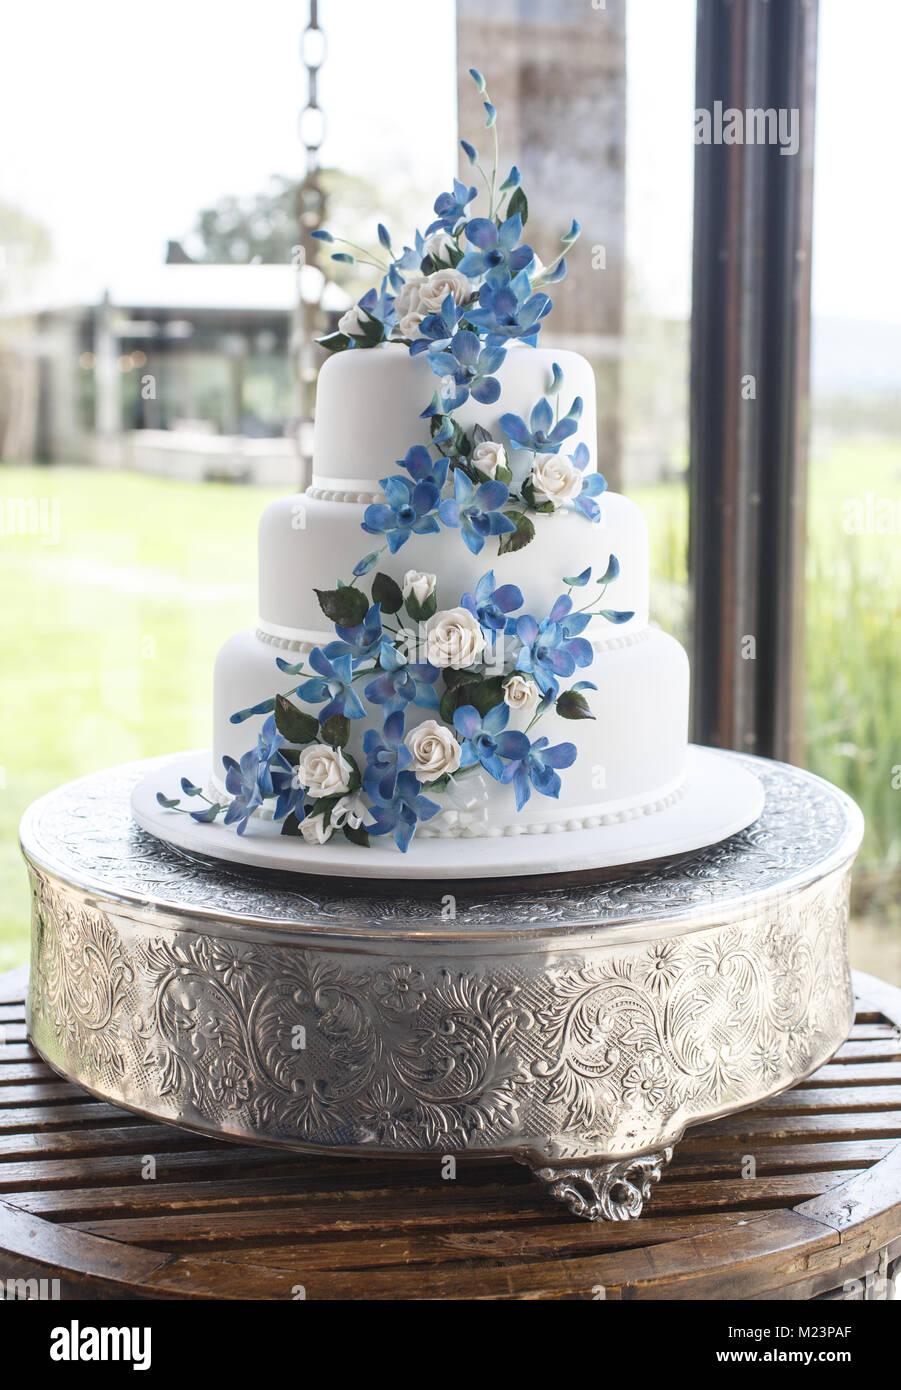 Gâteau de mariage à un mariage en Australie Photo Stock